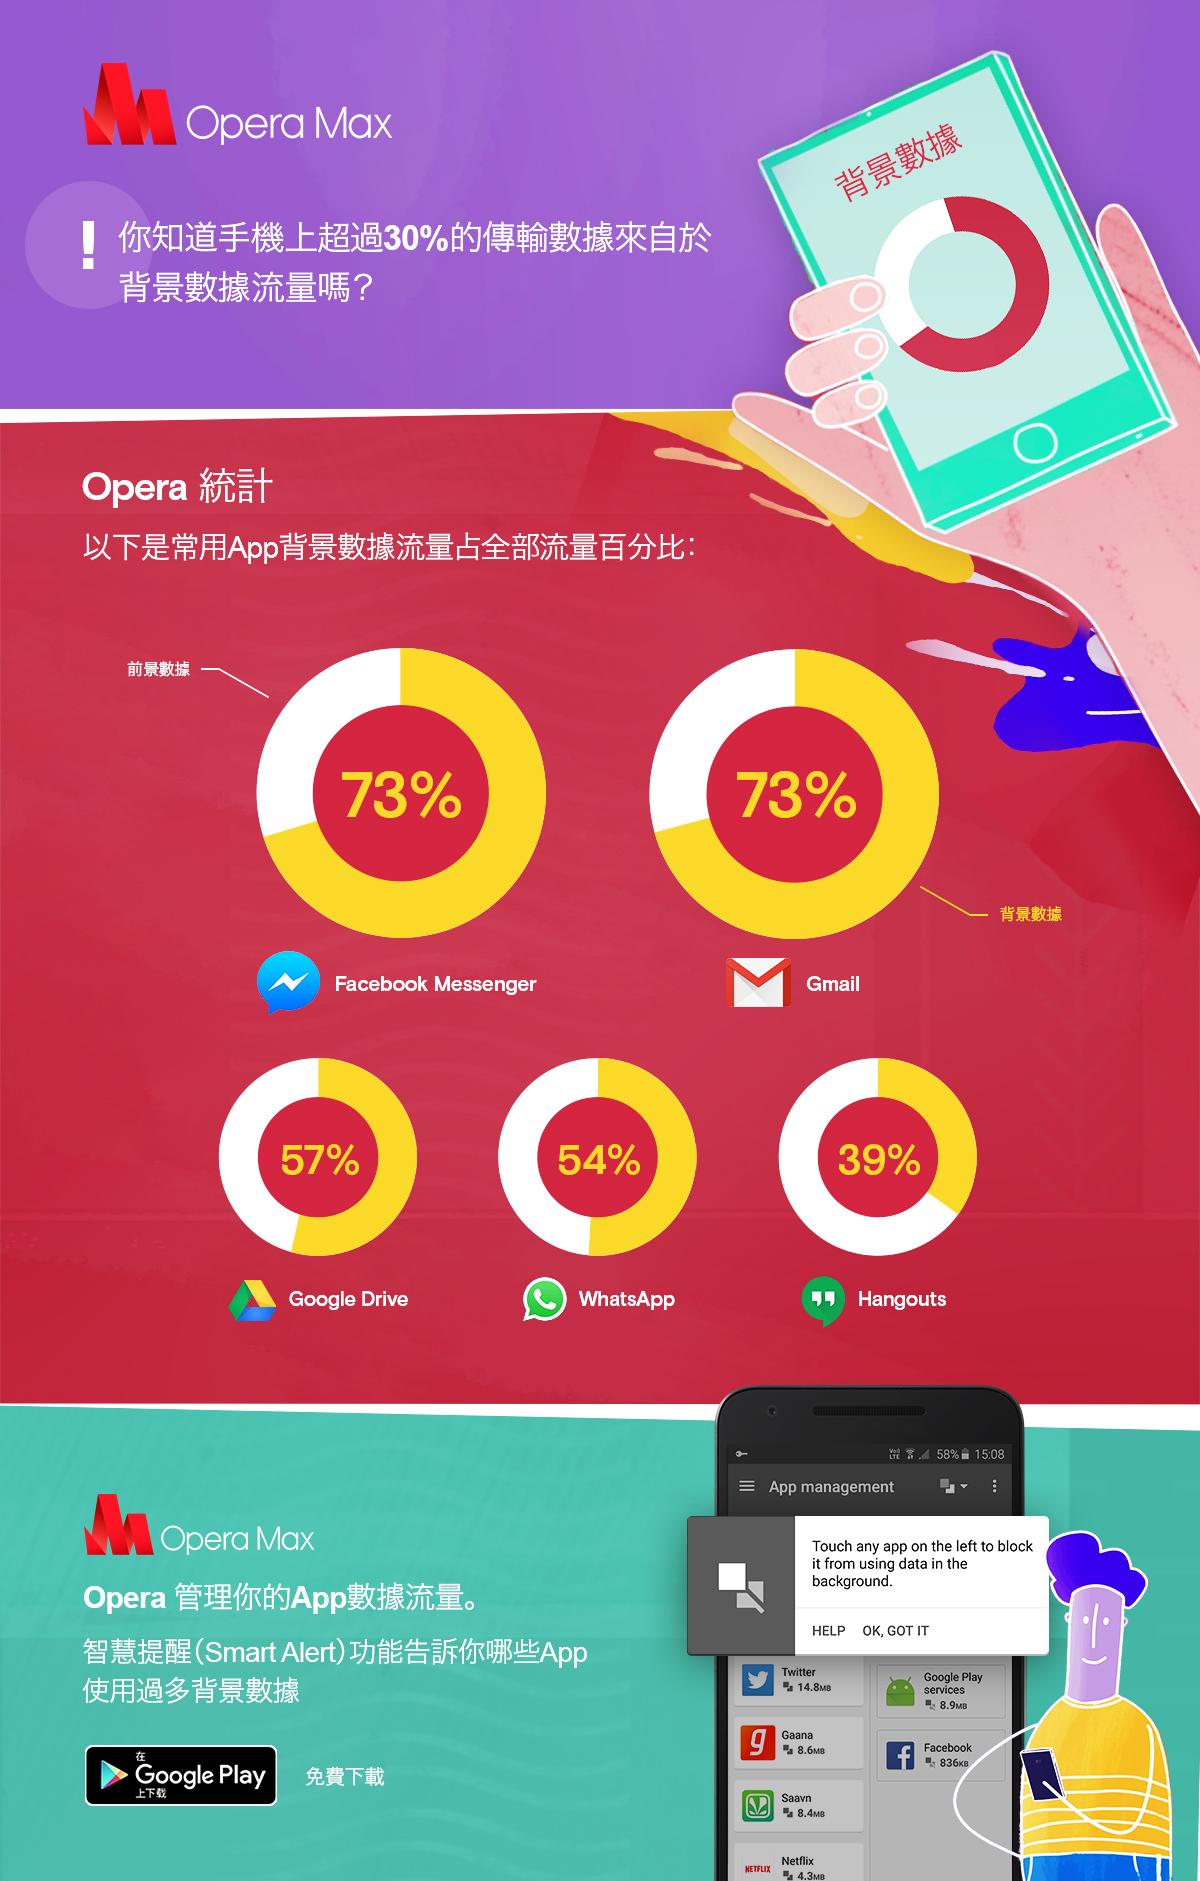 opera-max-background-data-infographic-CHINESE